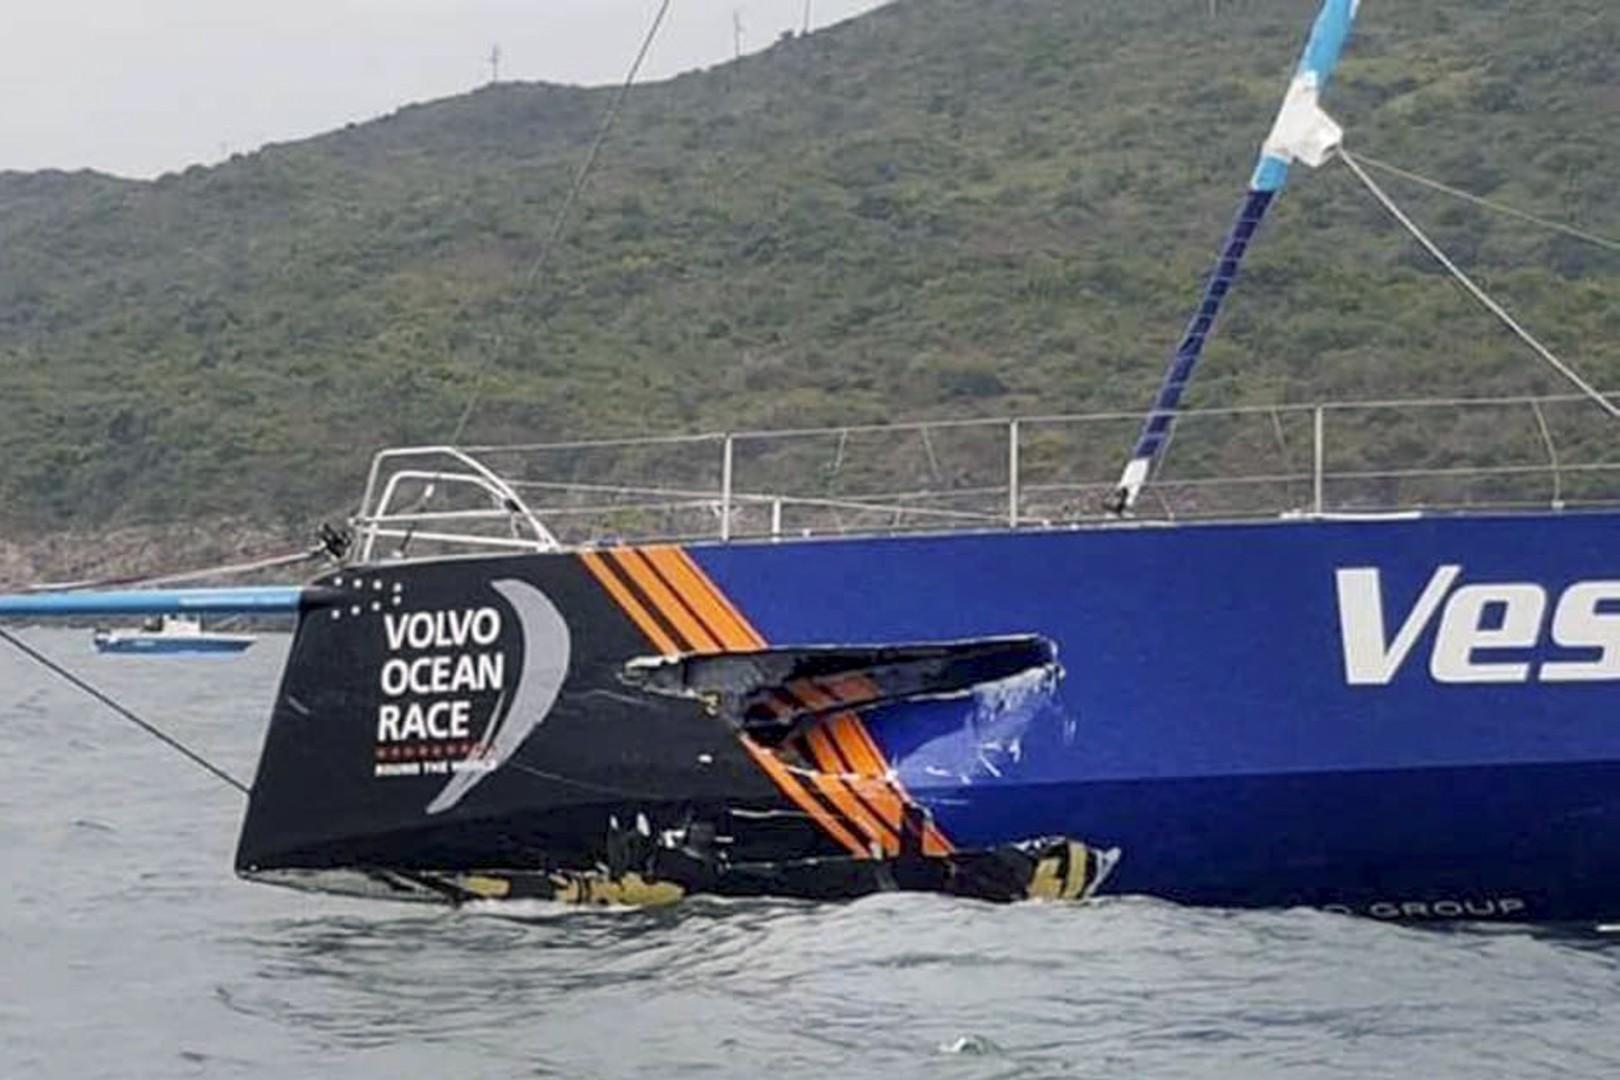 Vestas crash death: co-skippers speak for first time on tragic Volvo